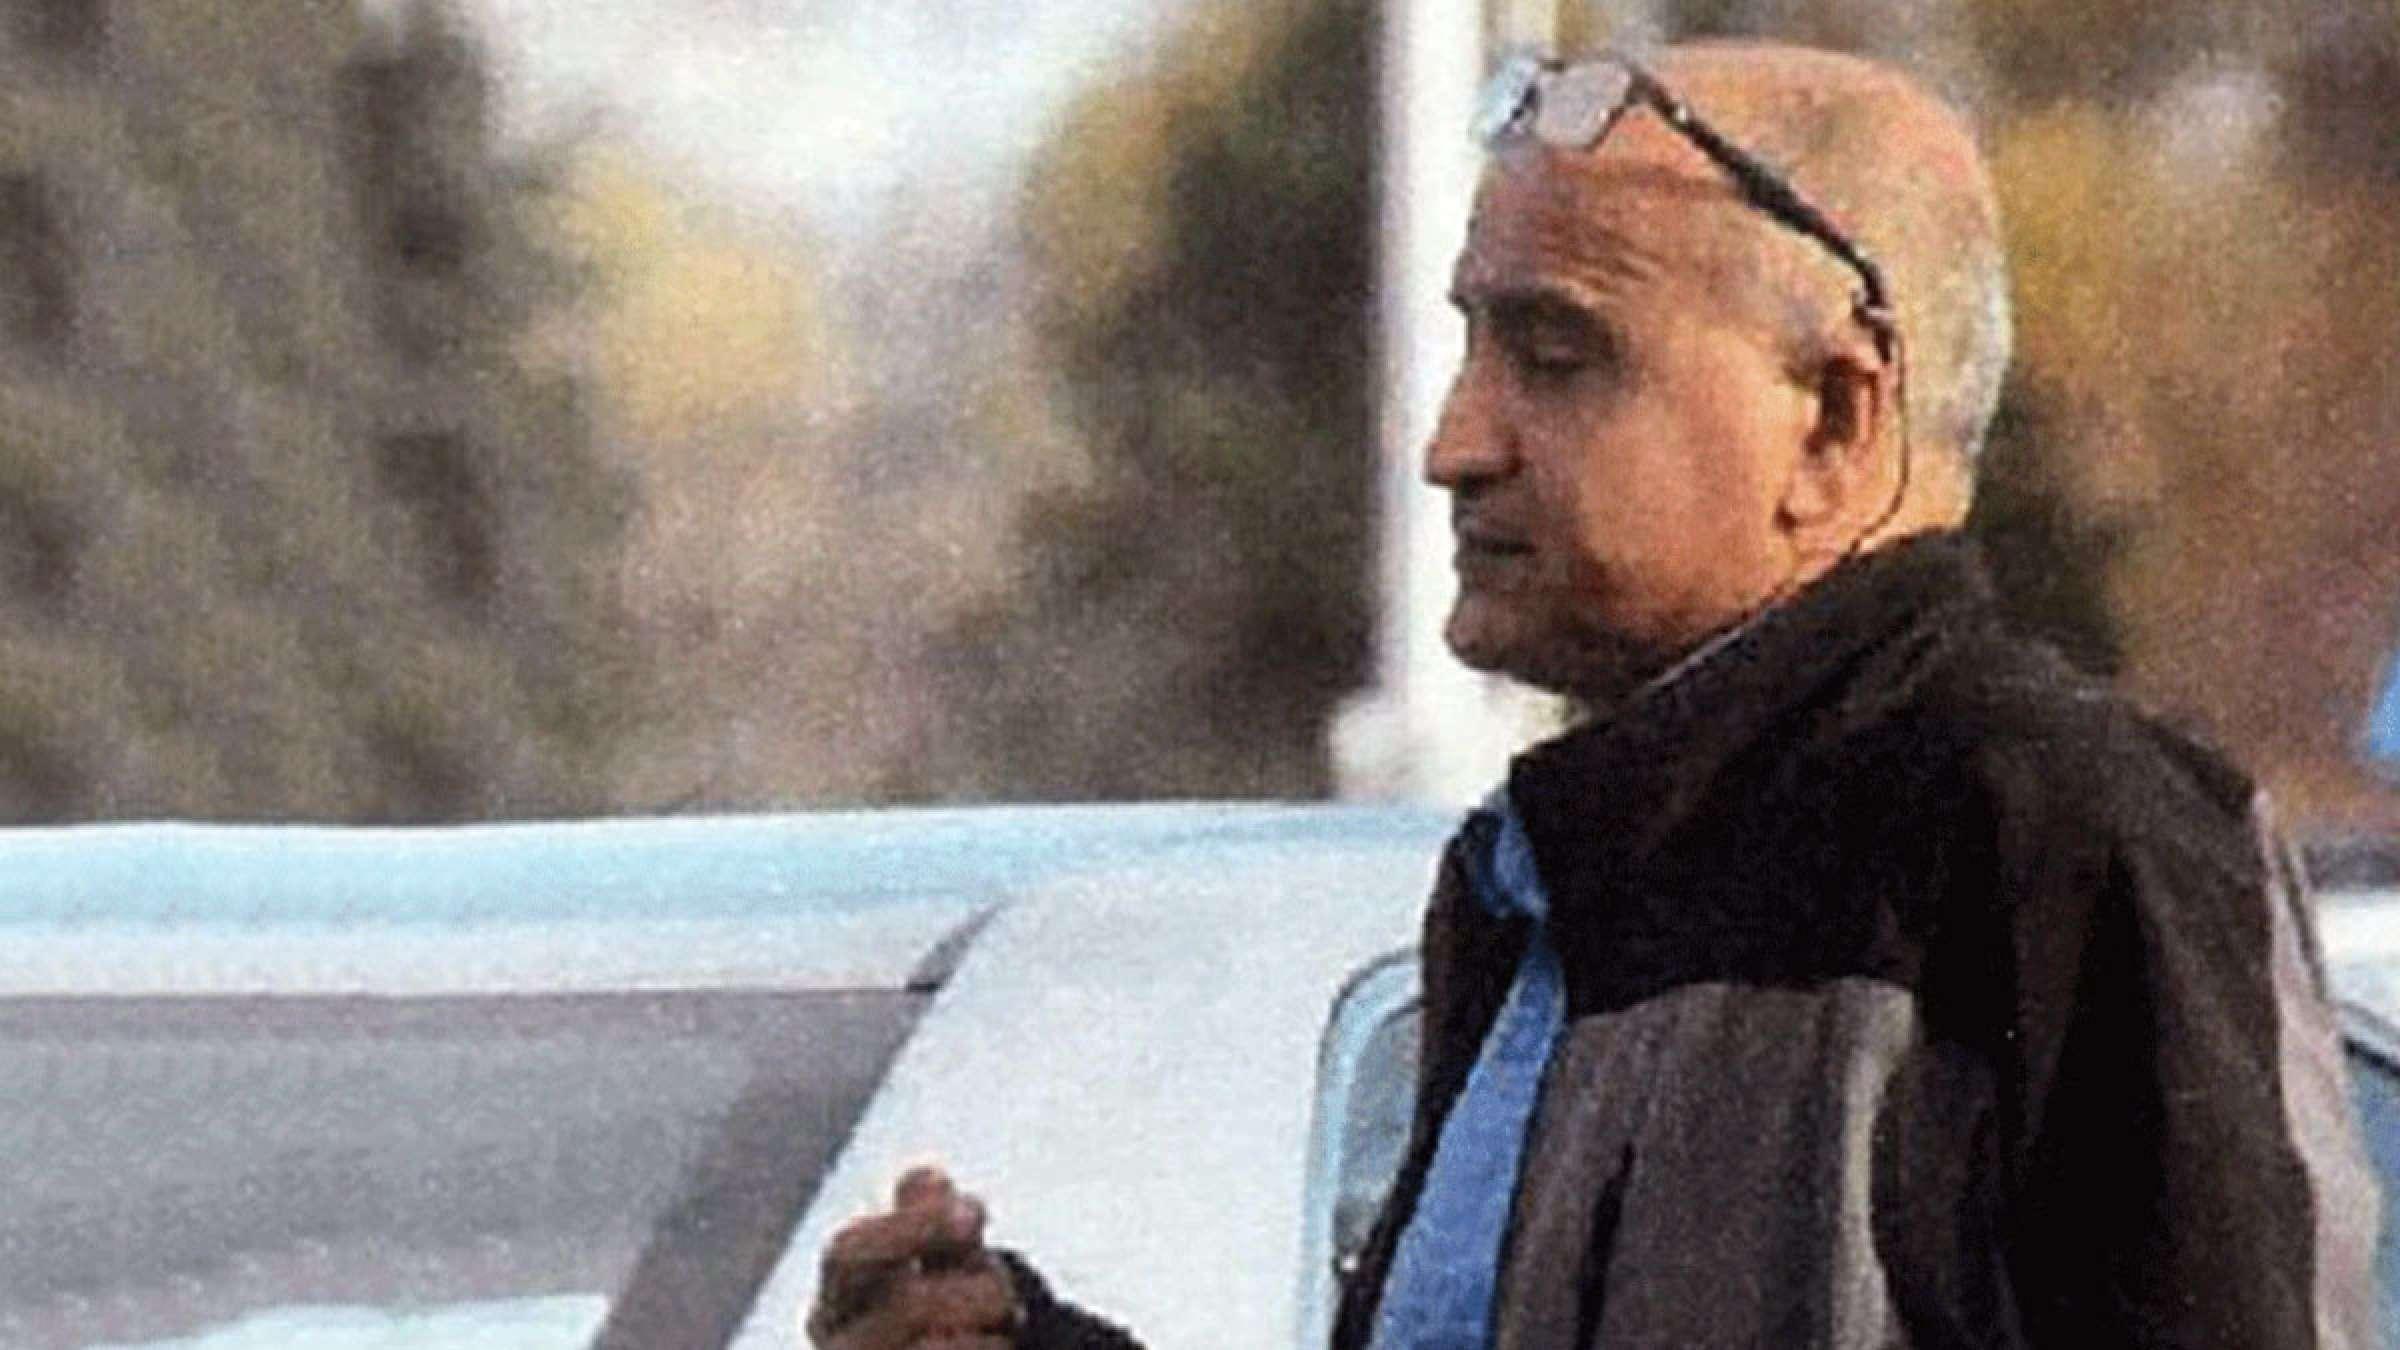 اخبار-کانادا-محمد-حکیم-زاده-قاتلی-برای-کشتن-زن-و-وکیل-زنش-استخدام-کرده-بود-دادگاه-را-باخت